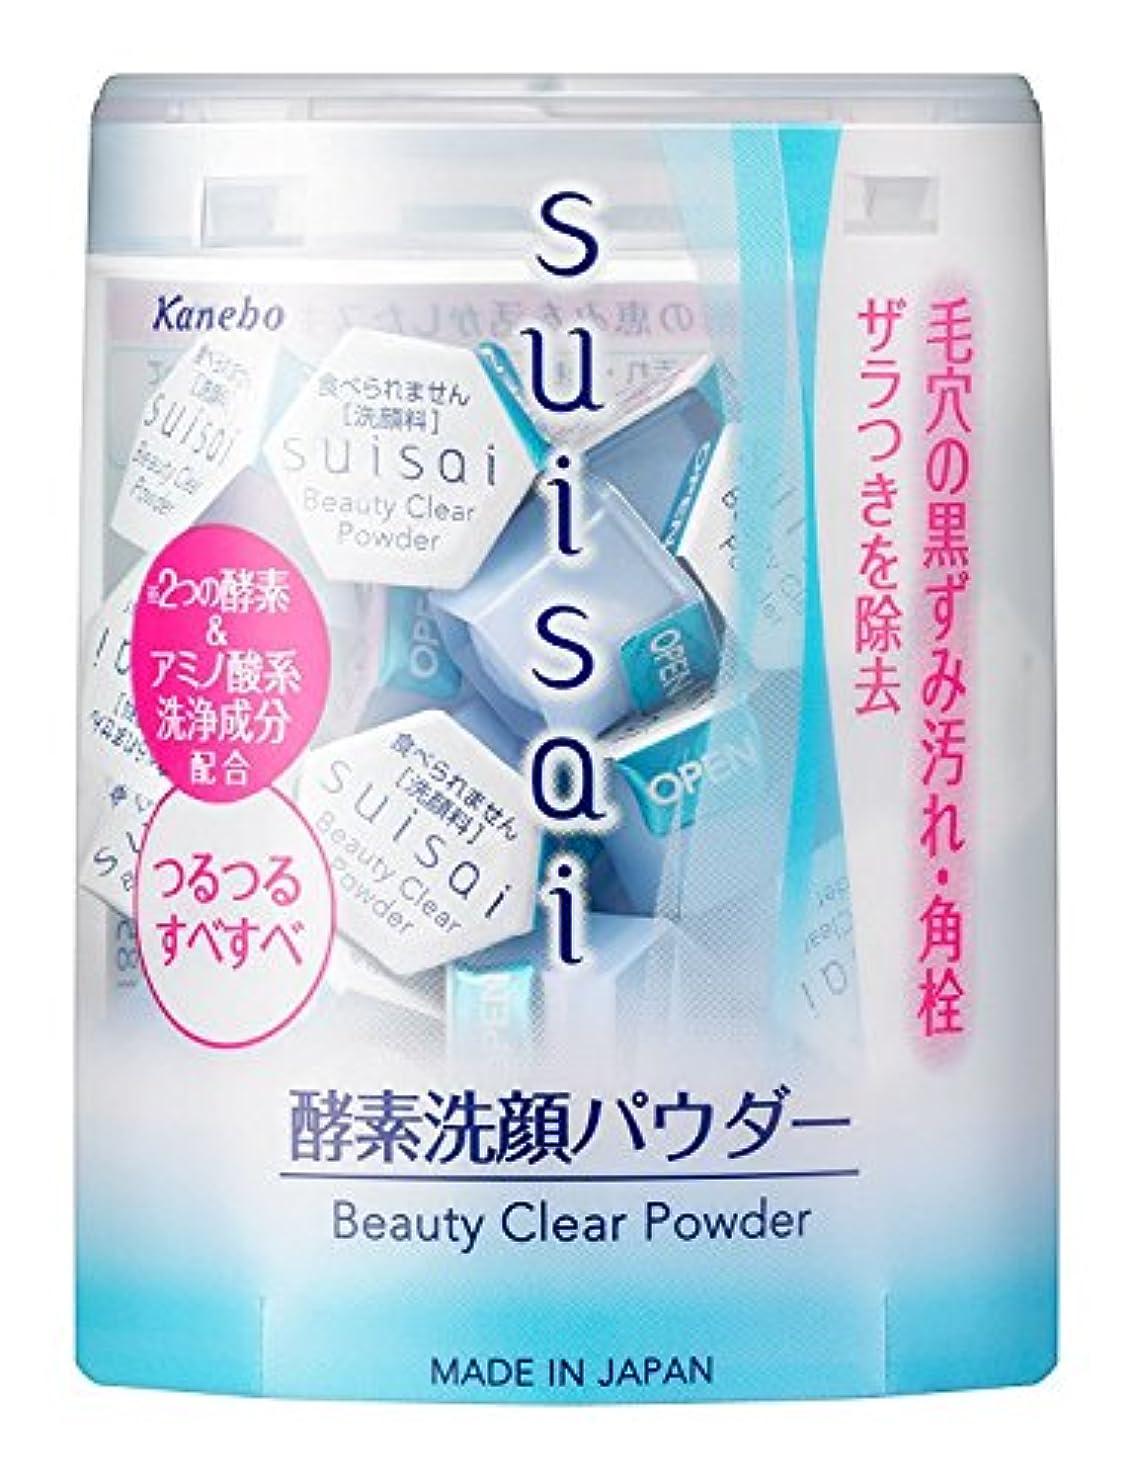 パンダセージオンス【kanebou(カネボウ)】suisai スイサイ ビューティクリアパウダーa 0.4g×32個 【洗顔料】【薬用】【酵素洗顔パウダー】